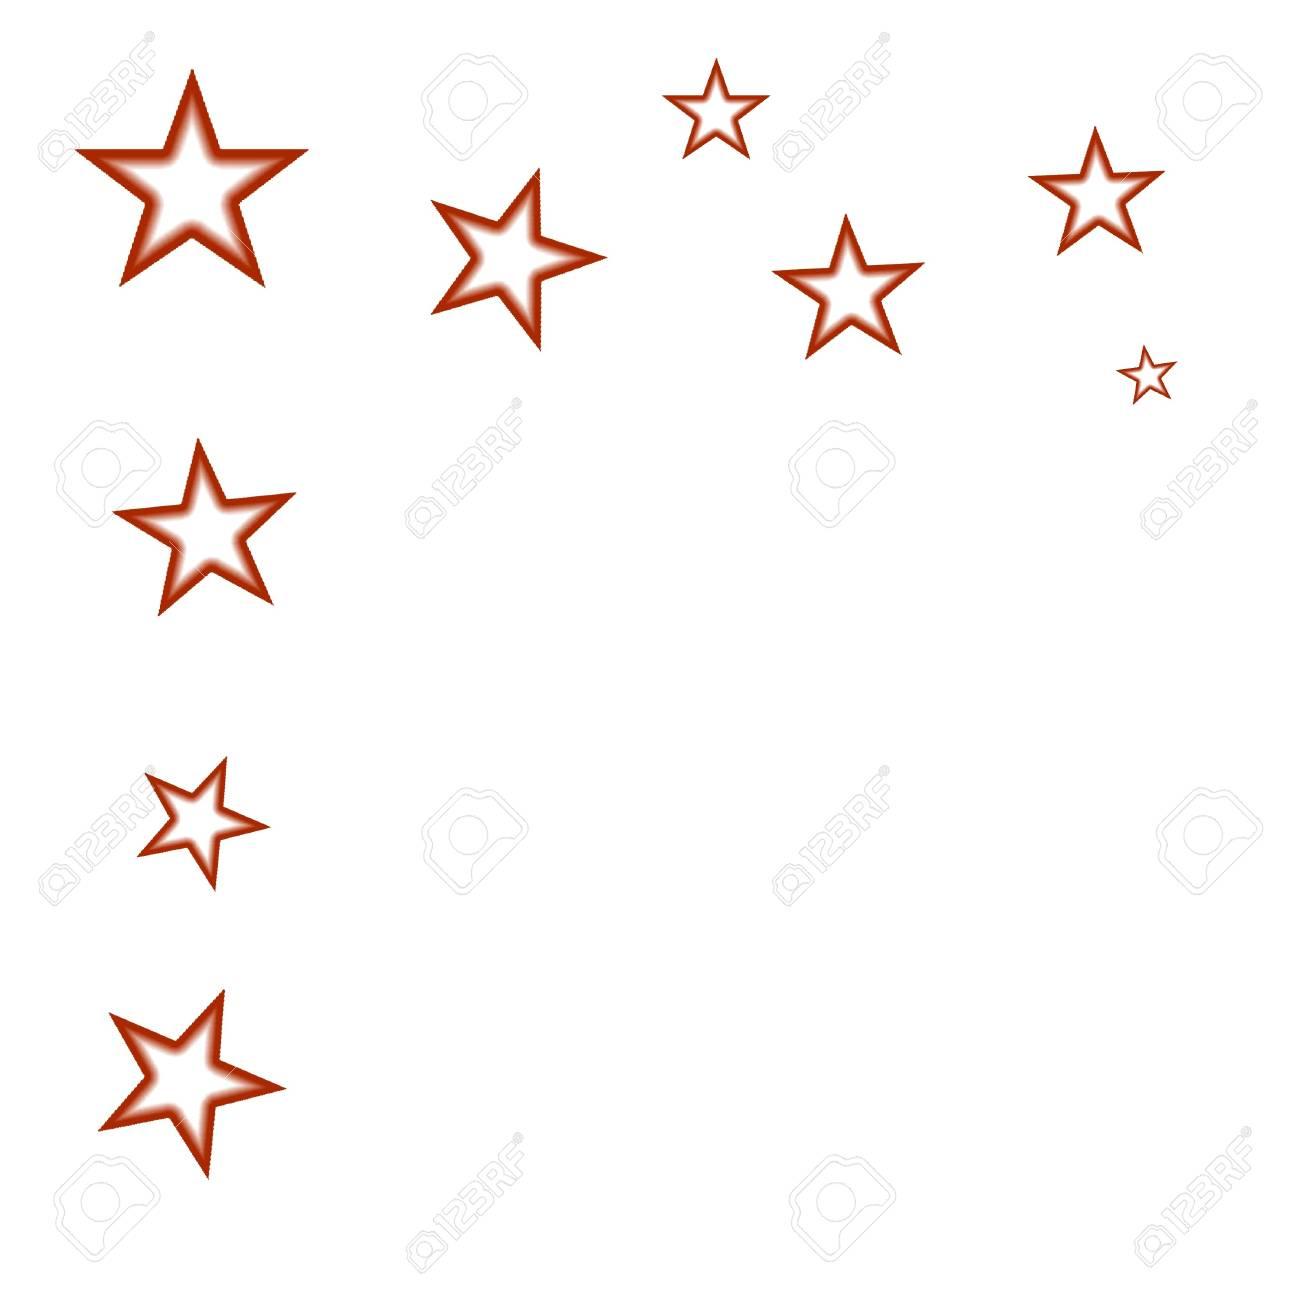 Immagini Stock Motivo Decorativo Con Stelle Su Sfondo Bianco Image